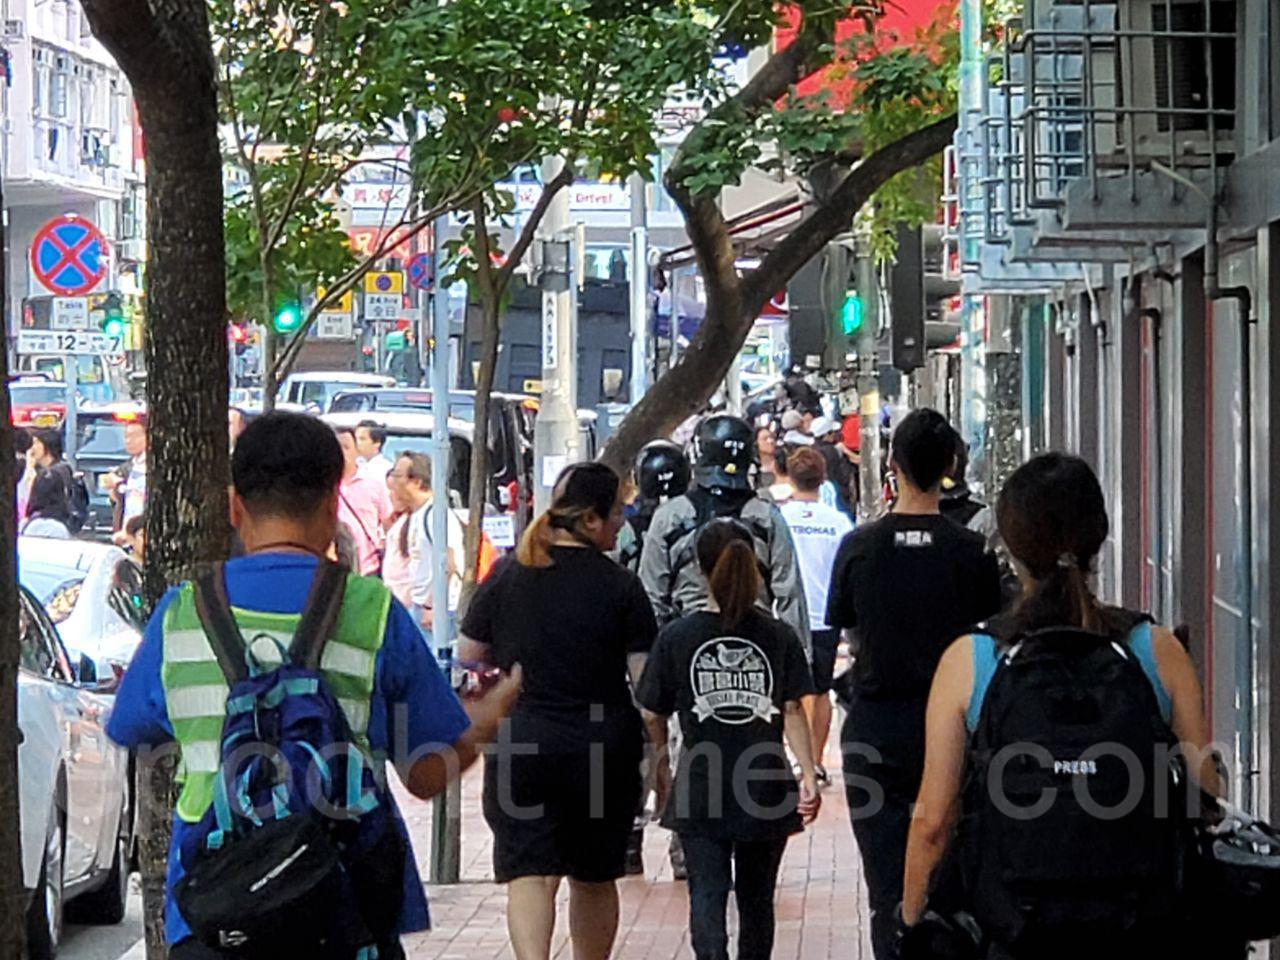 11月3日,在旺角鬧市區,全副武裝的速龍特警在巡邏,截查行人。(駱亞/大紀元)